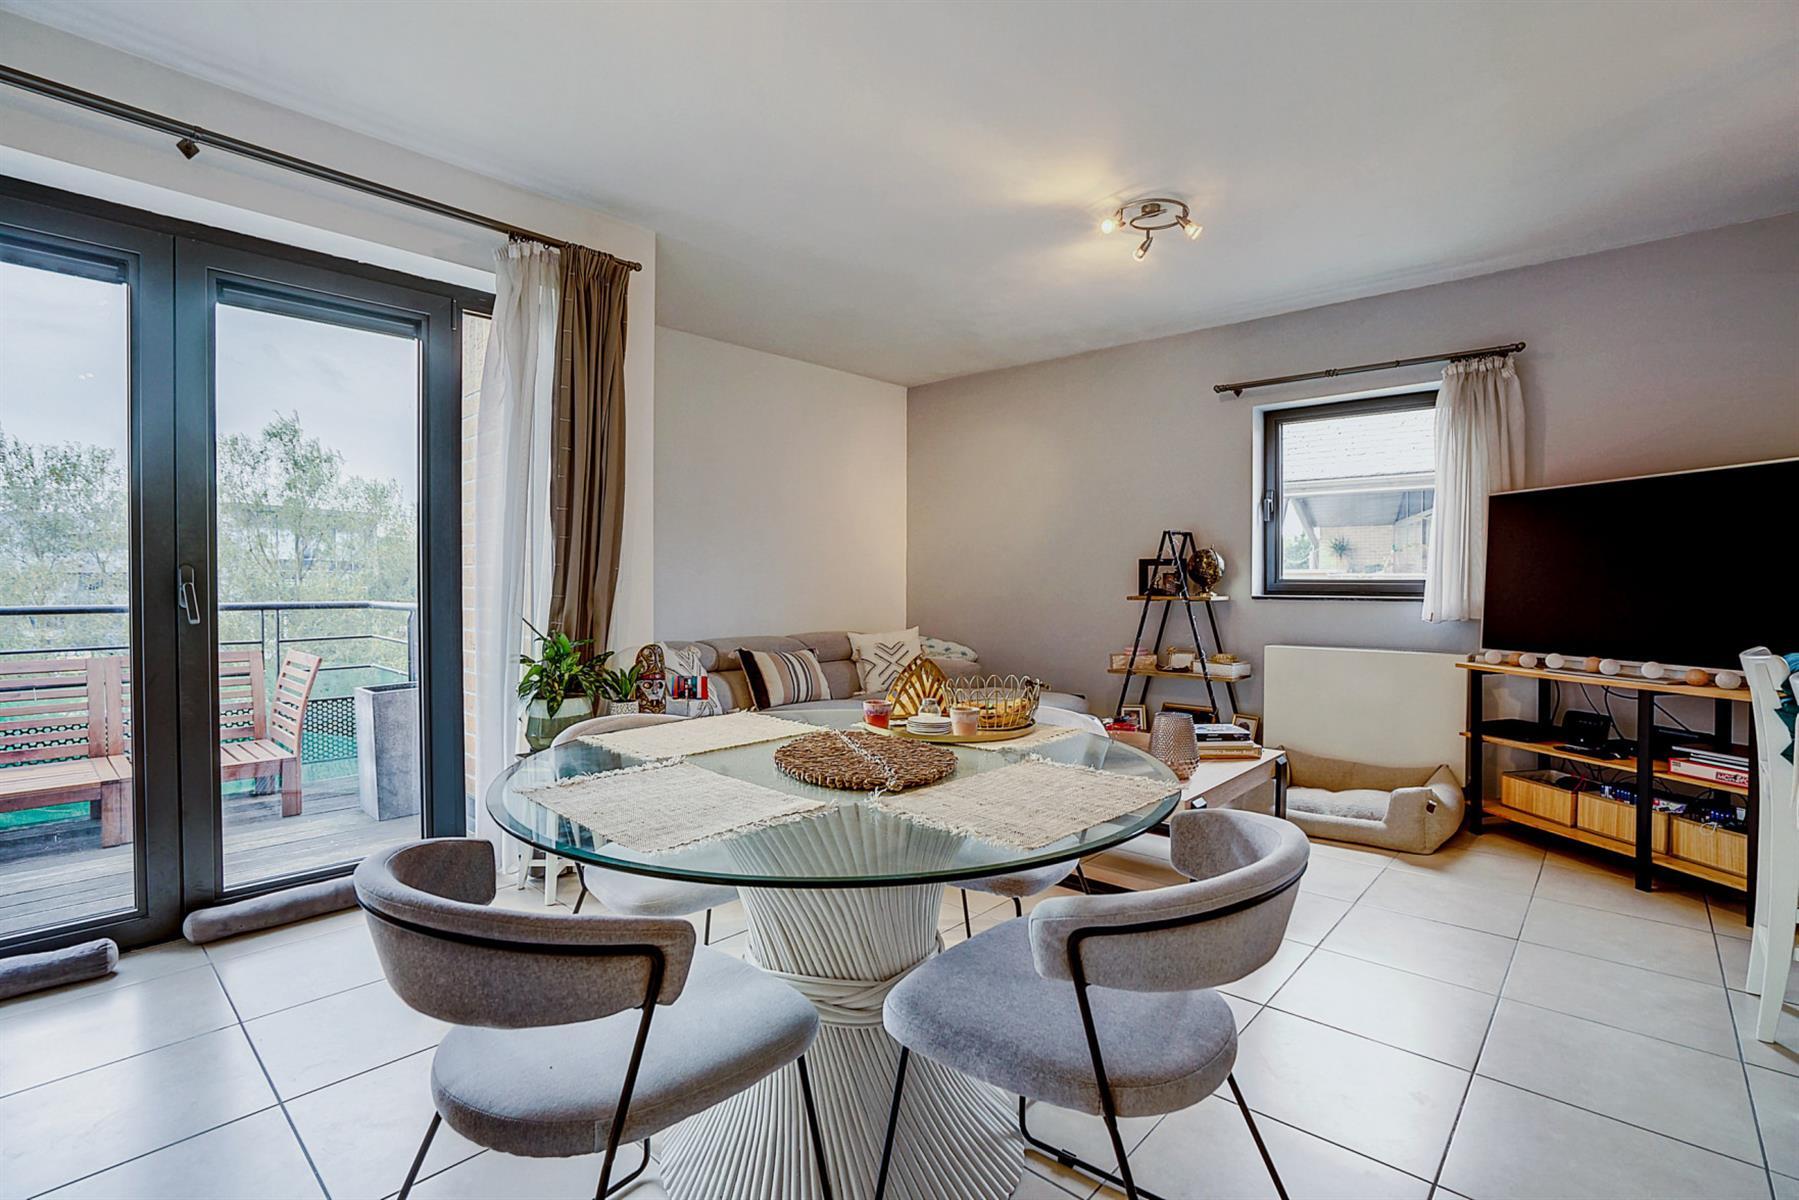 Appartement - Ottignies-louvain-la-neuve - #4505964-7